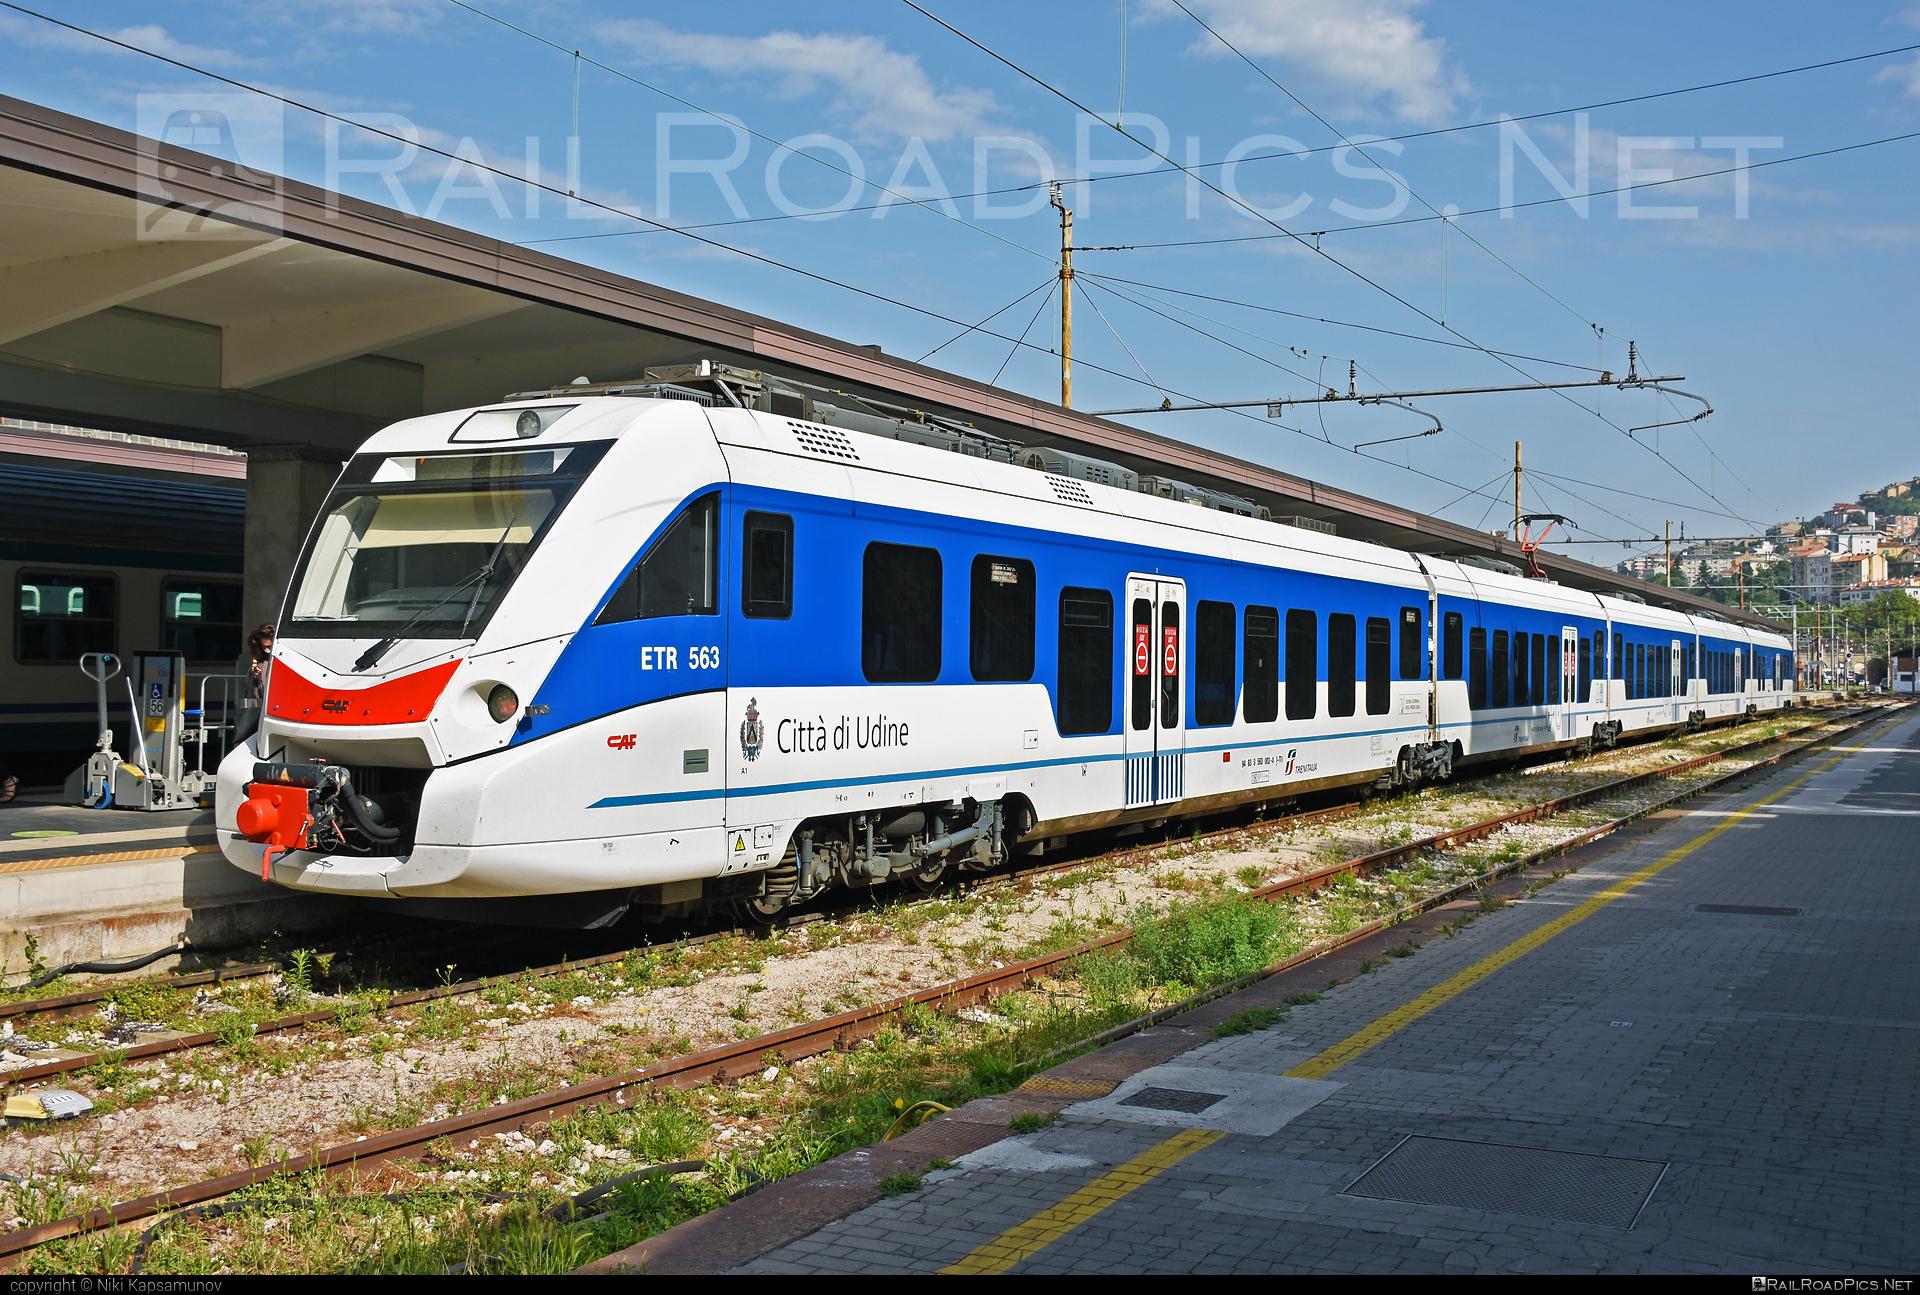 CAF Civity - 563 003-4 operated by Trenitalia S.p.A. #ConstruccionesYAuxiliarDeFerrocarriles #caf #cafcivity #civity #ferroviedellostato #fs #fsitaliane #trenitalia #trenitaliaspa